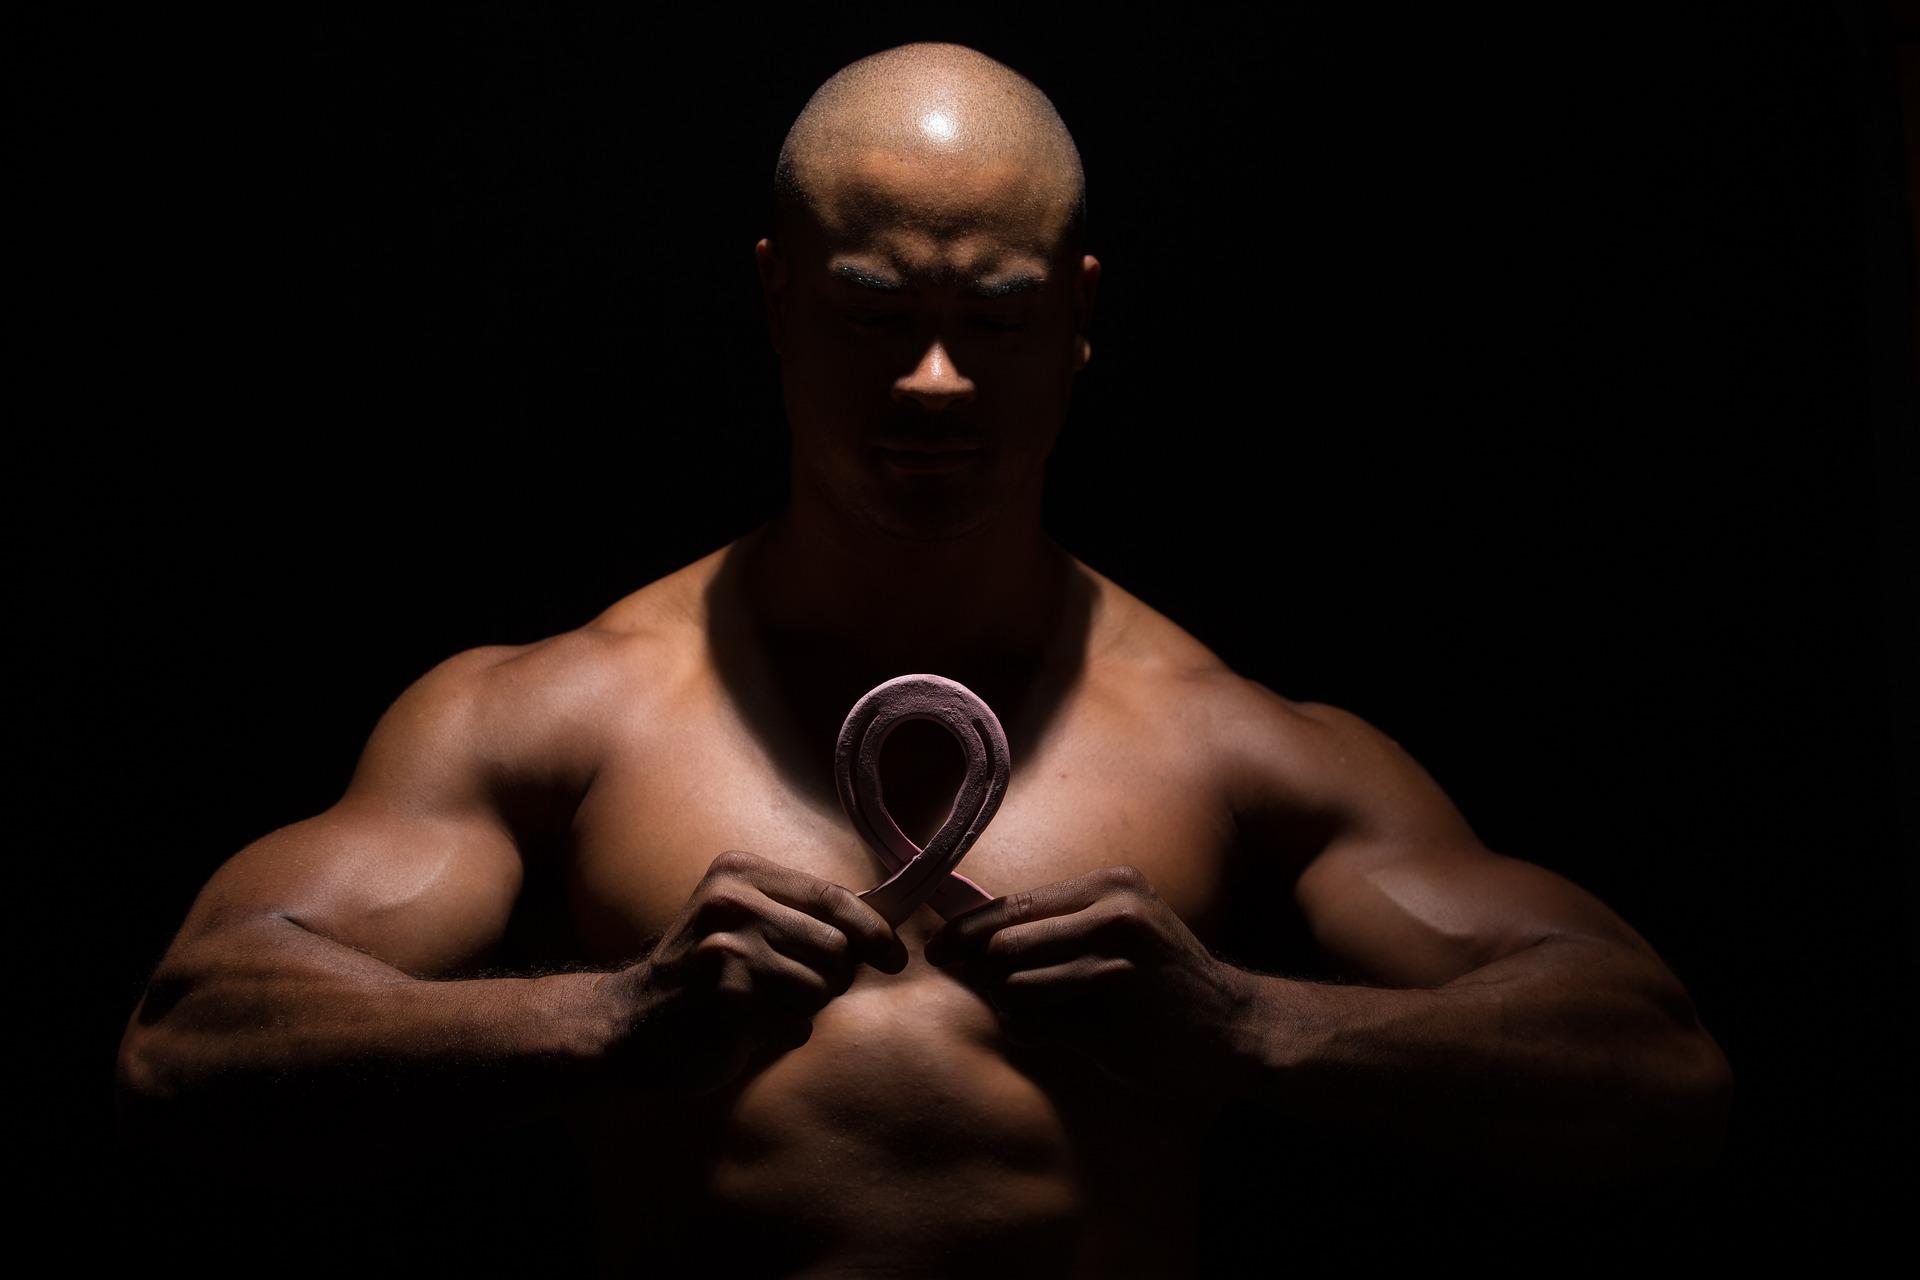 Aký výživový doplnok užívajú dnešní najúspešnejší a najvýkonnejší muži?